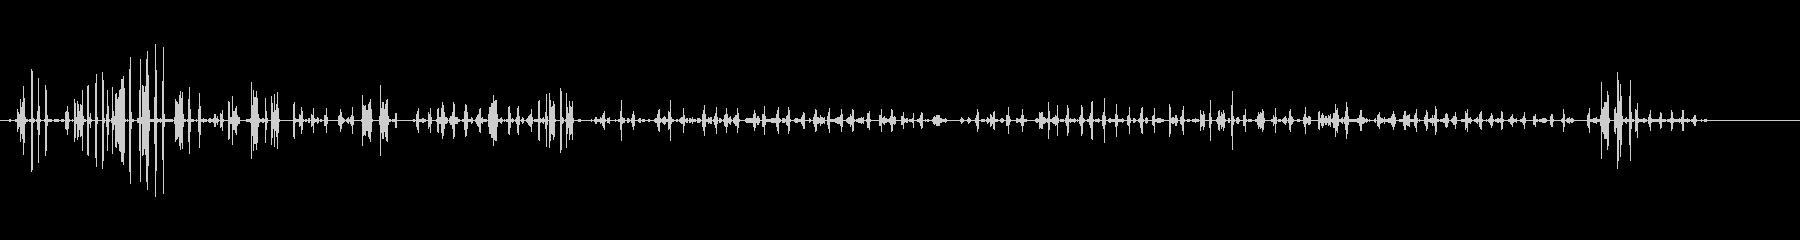 チキンチキン-エンガリネロ-パハロの未再生の波形